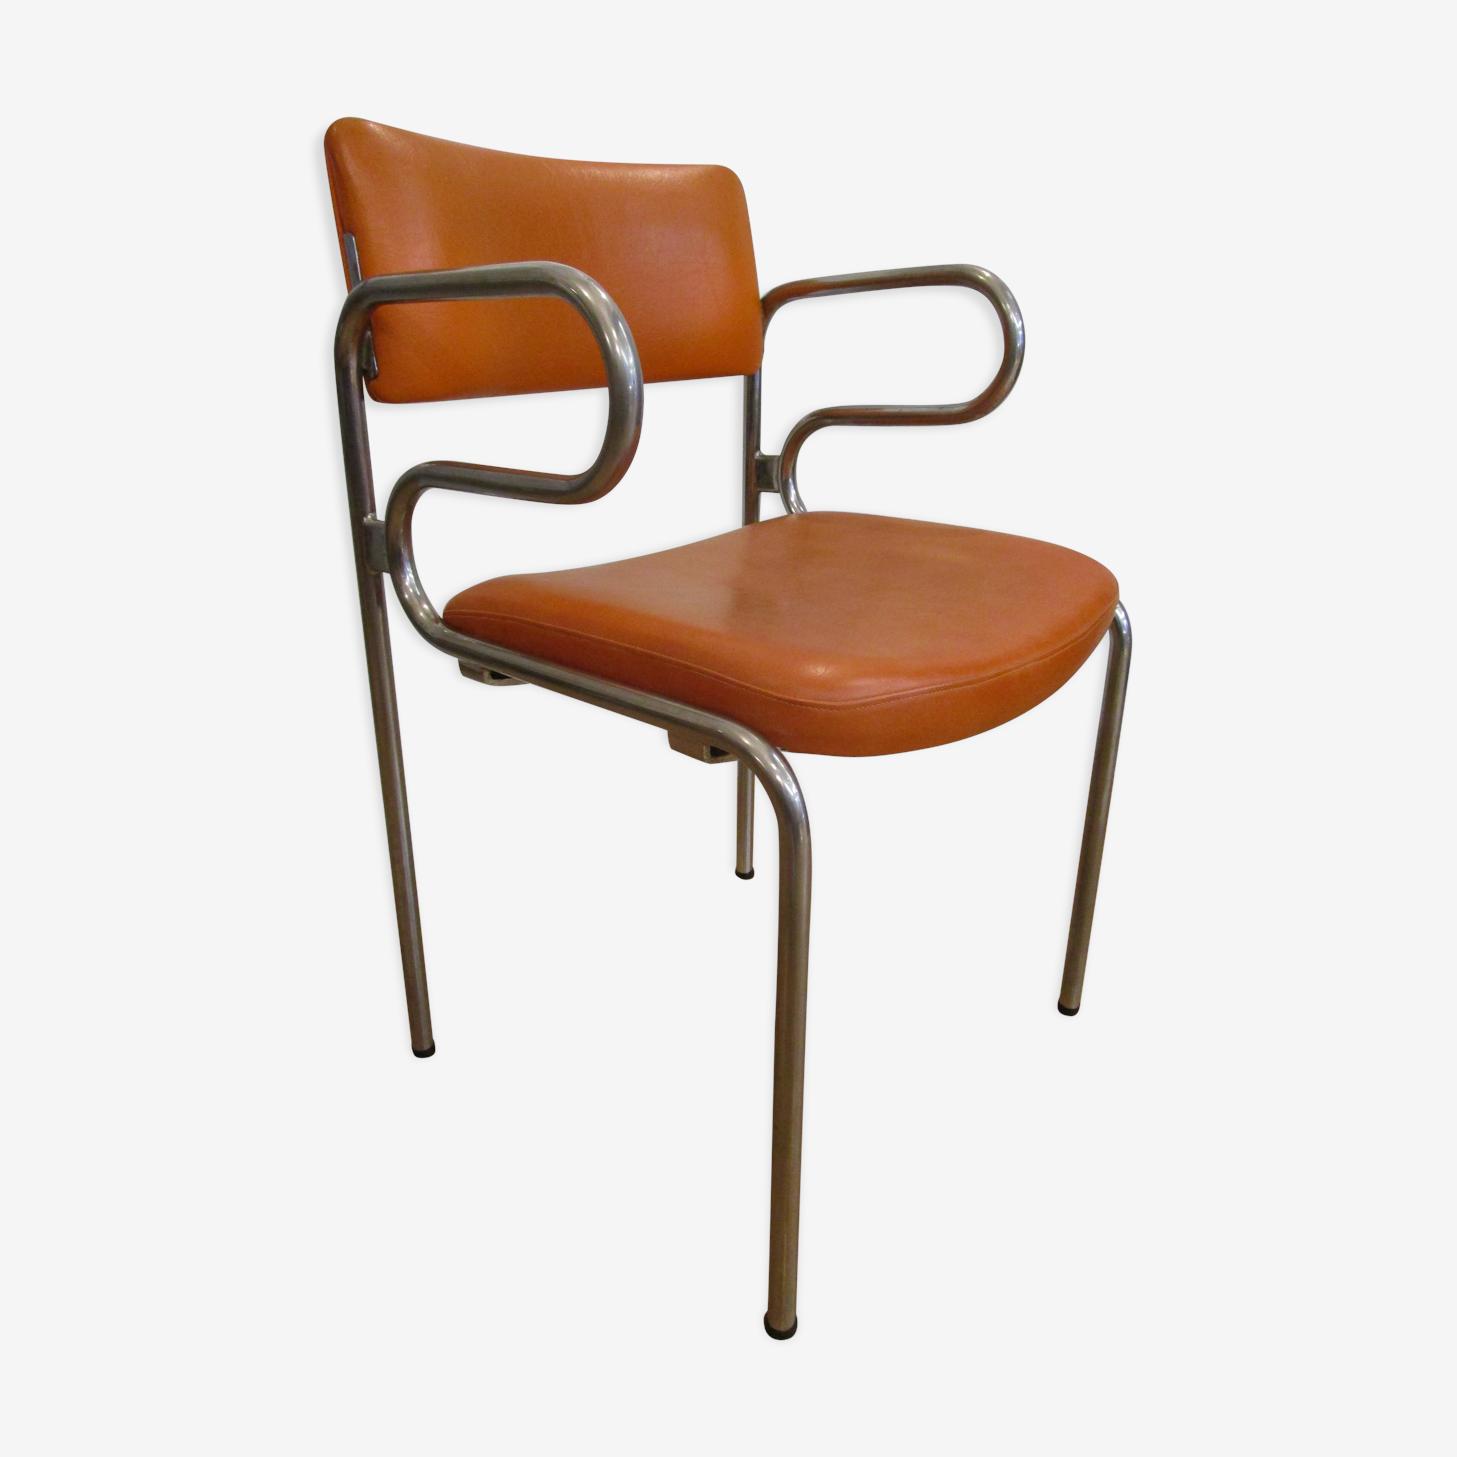 Chair armrests base metal 70s orange design